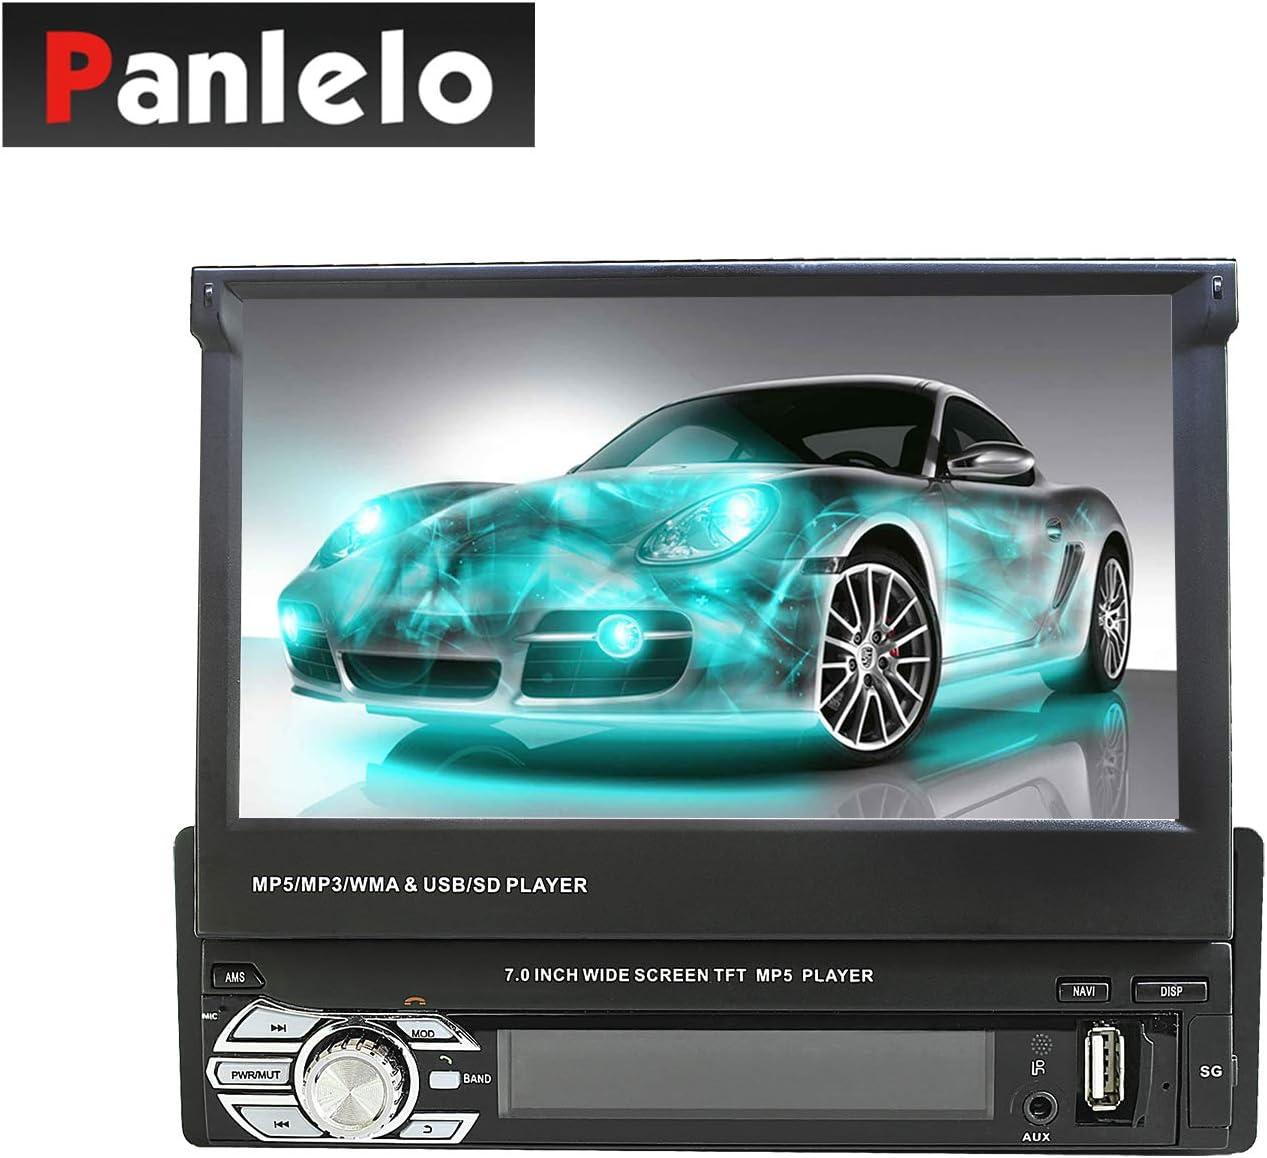 Panlelo 7 Pulgadas 1 DIN Autoradio Android Navegación GPS BT Pantalla Táctil Deslizable Pantalla de visualización Wi-Fi Radio Automática Espejo Enlace App Store (T2)